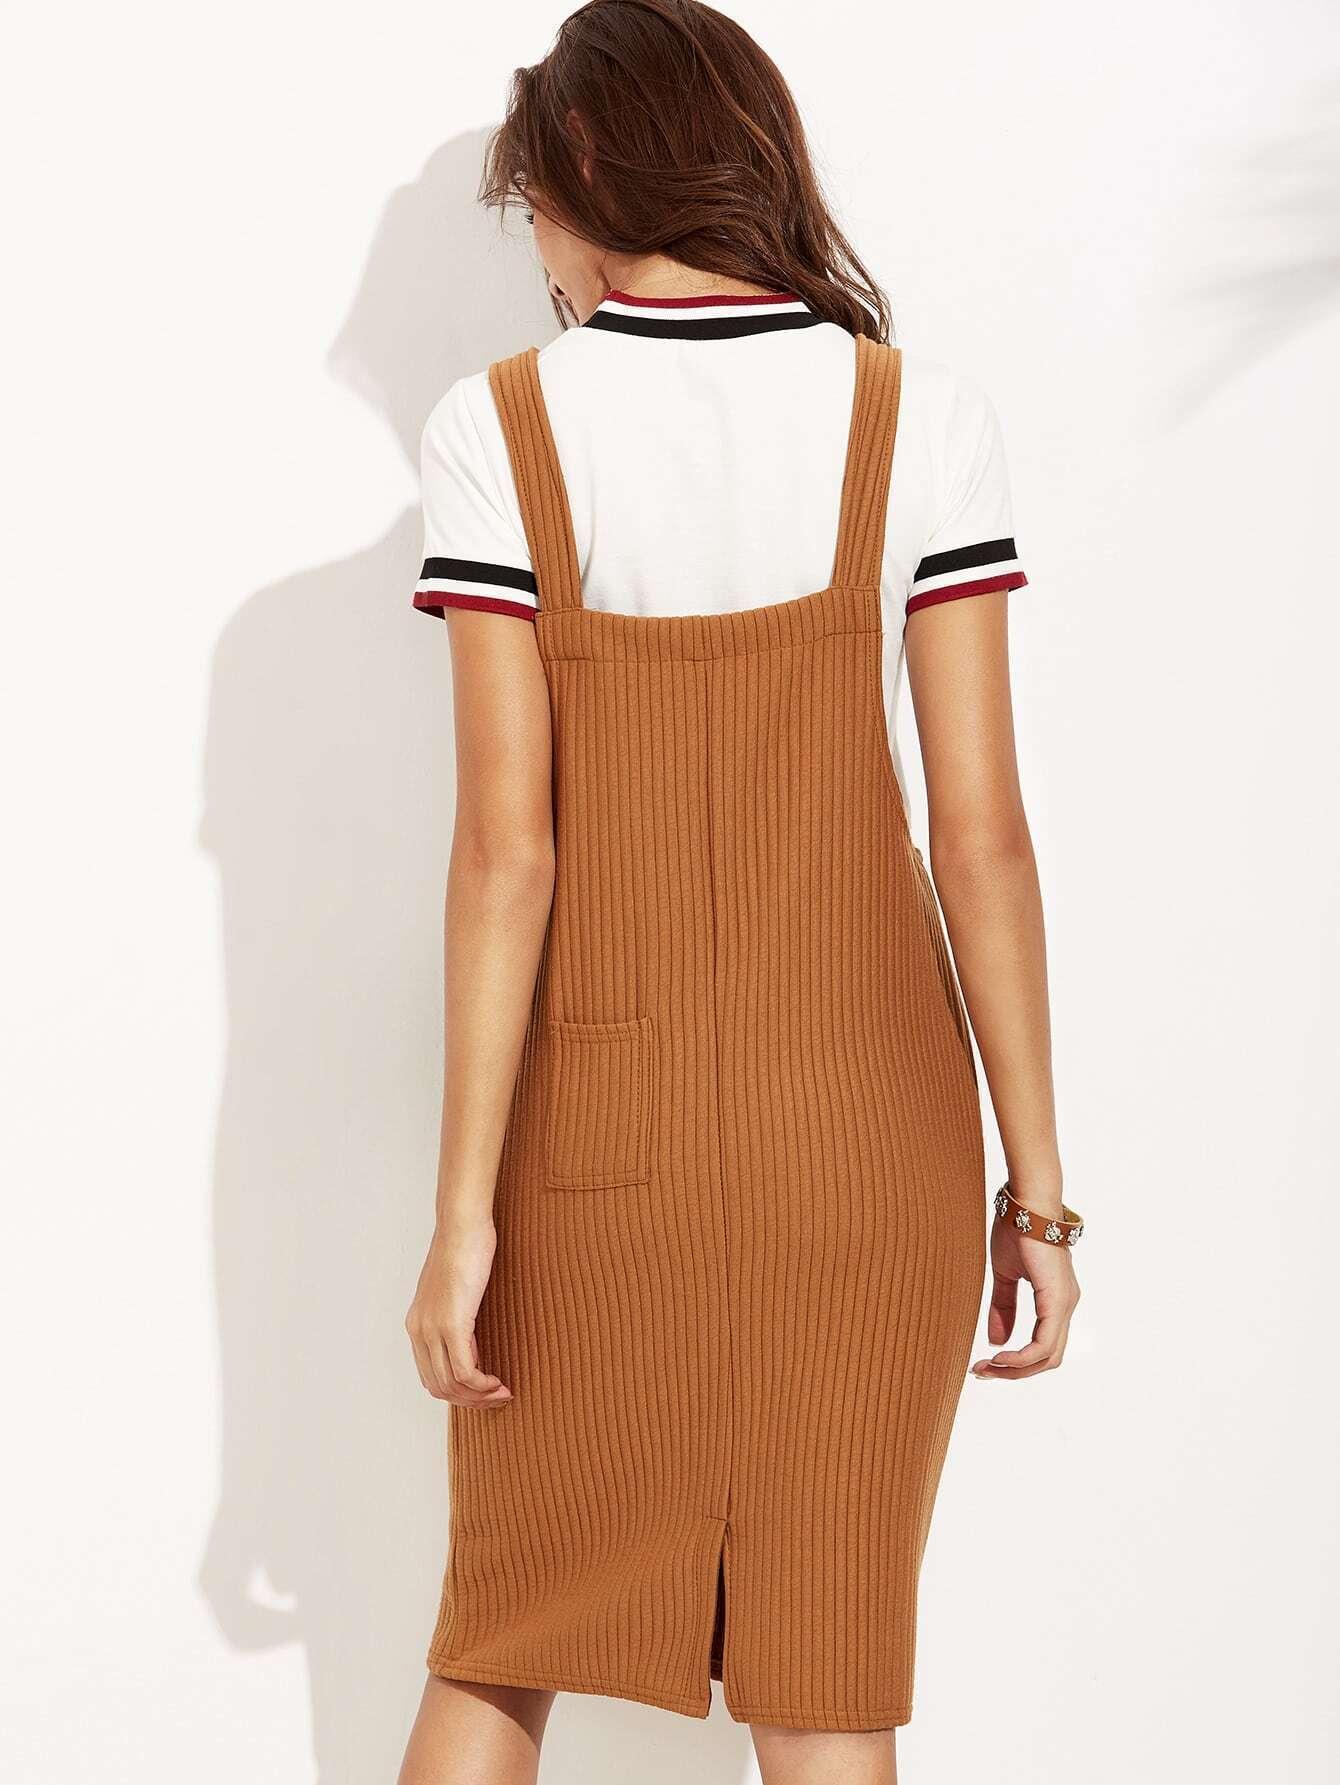 dress160817122_2